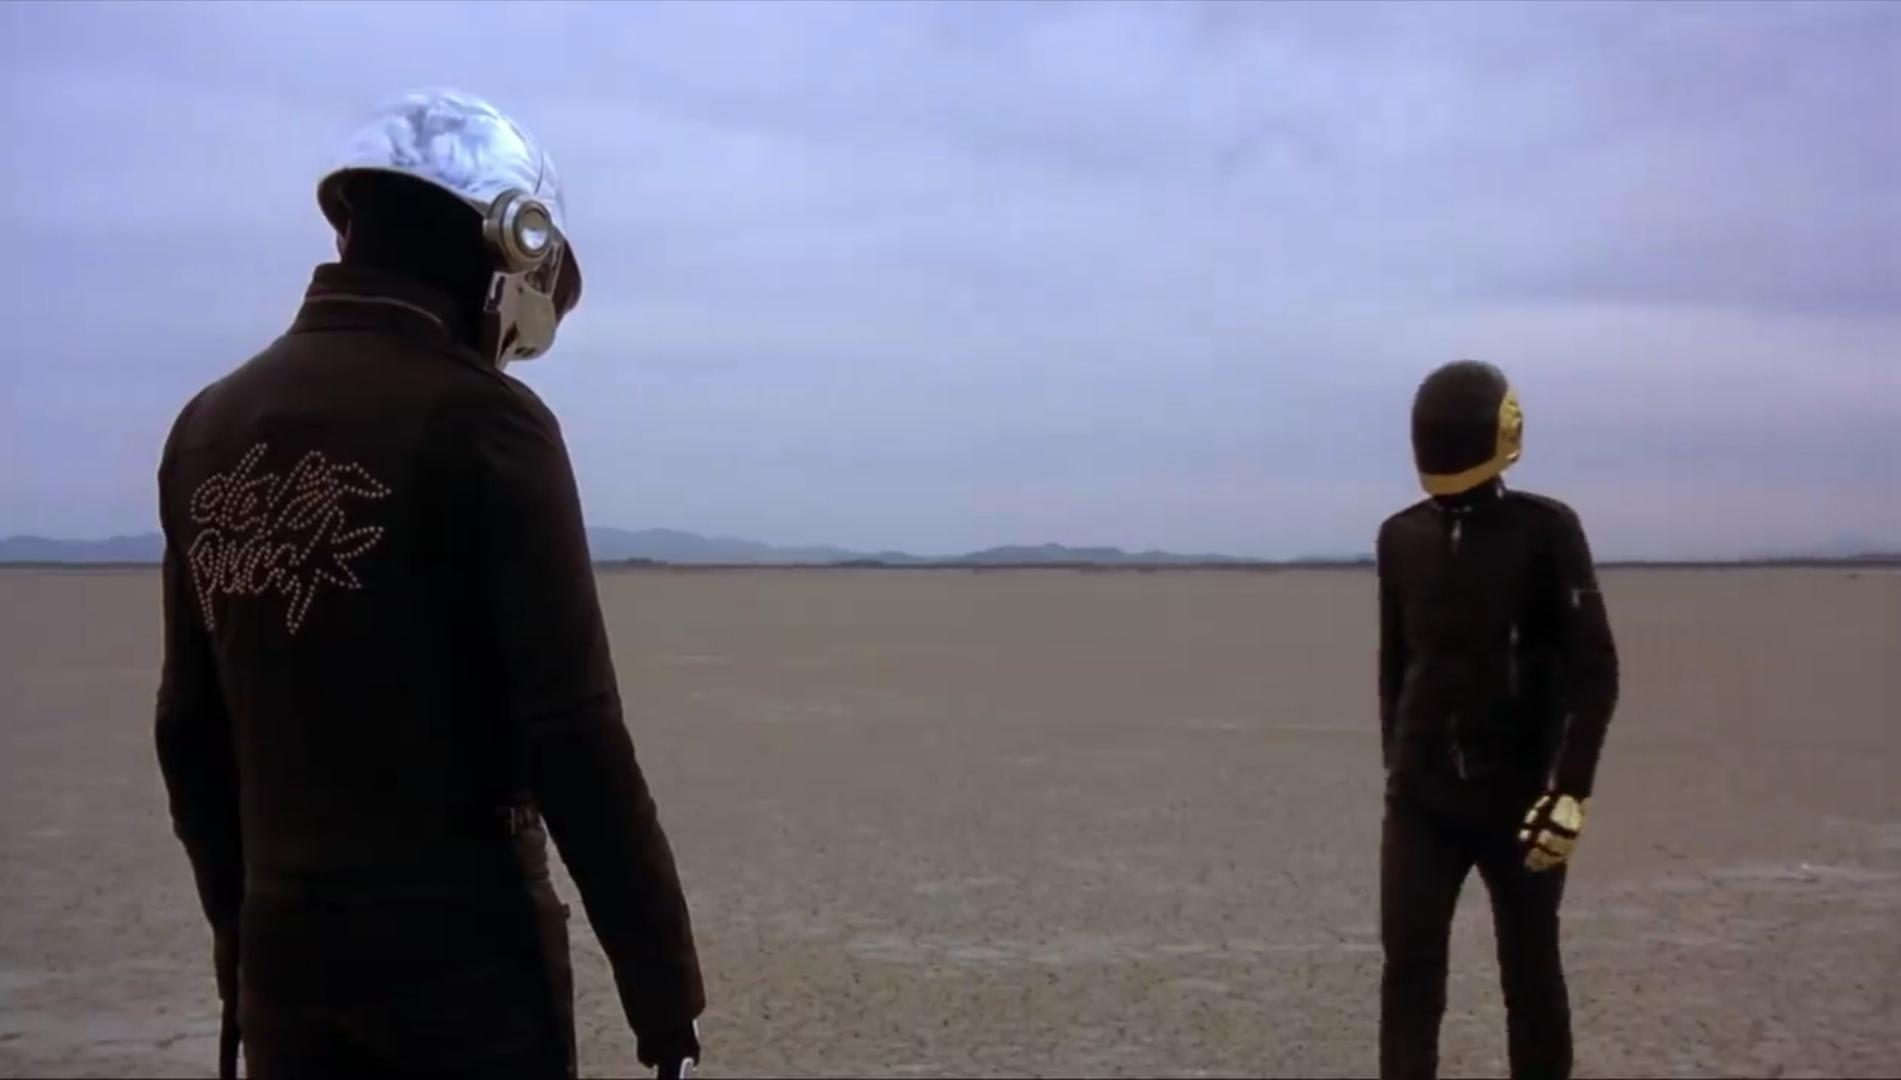 Epilogue: il videoclip dei Daft Punk sul loro scioglimento